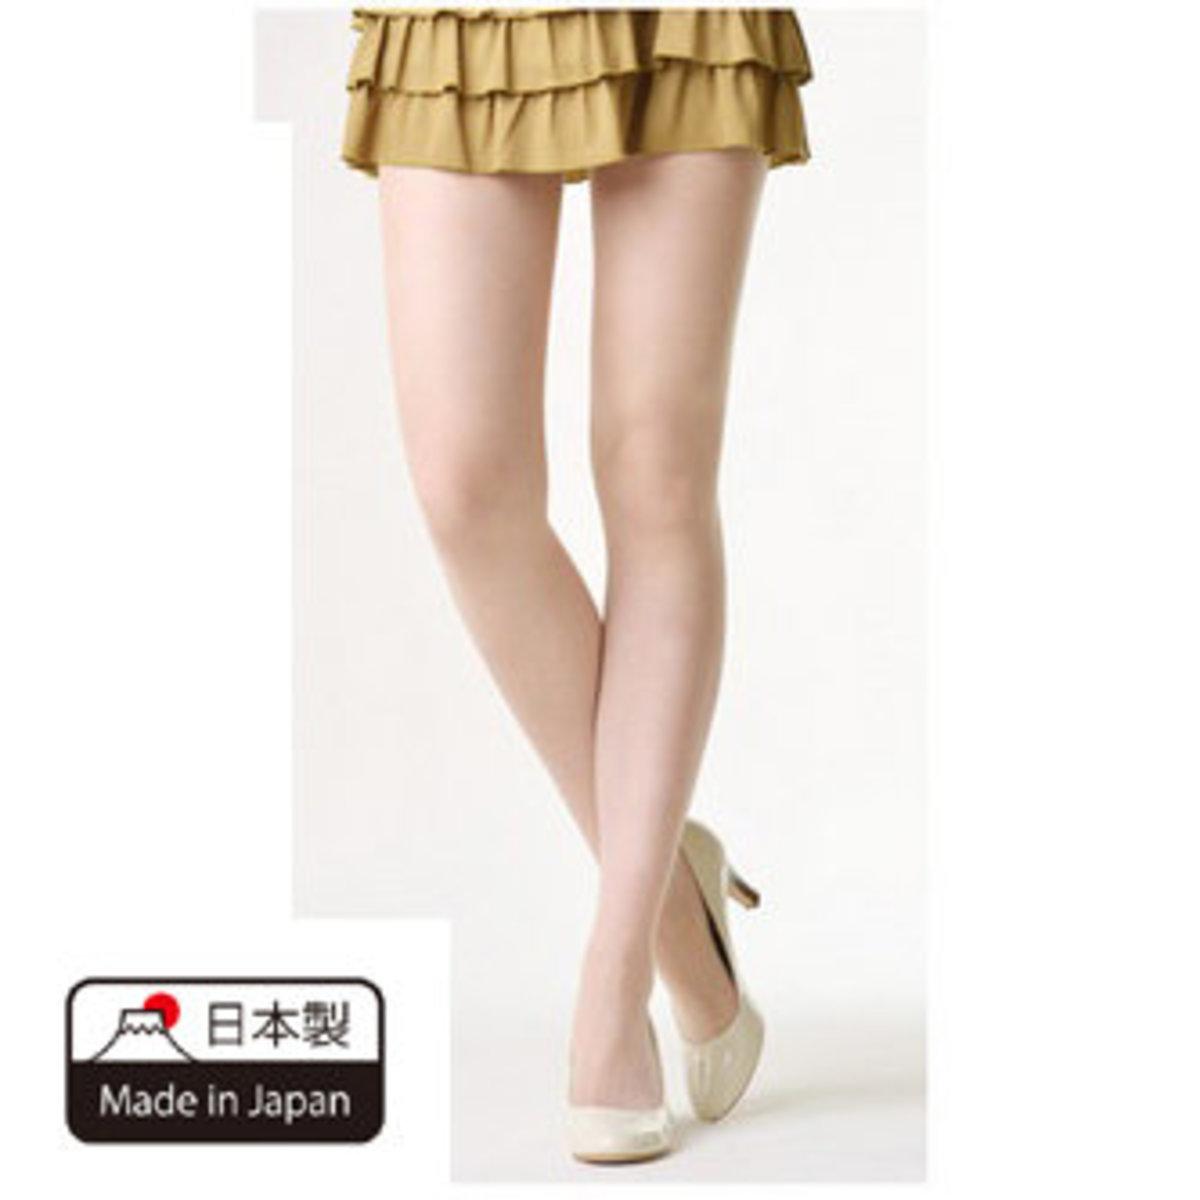 日本制防鈎絲襪褲 (杏色) Size : M-L 抗菌抗UV防靜電